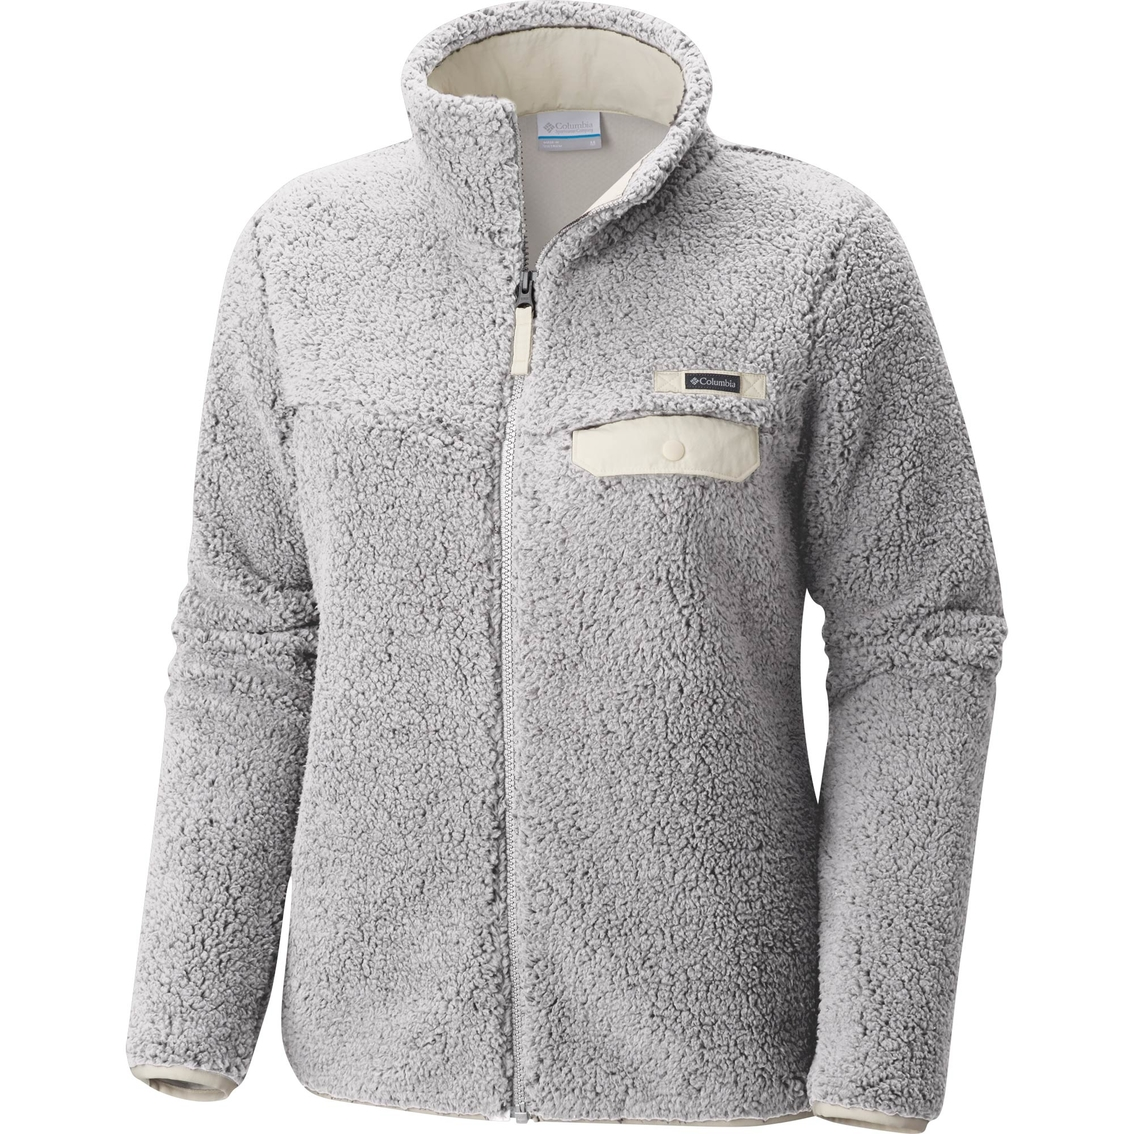 Columbia Mountain Side Heavyweight Fleece Full Zip Jacket